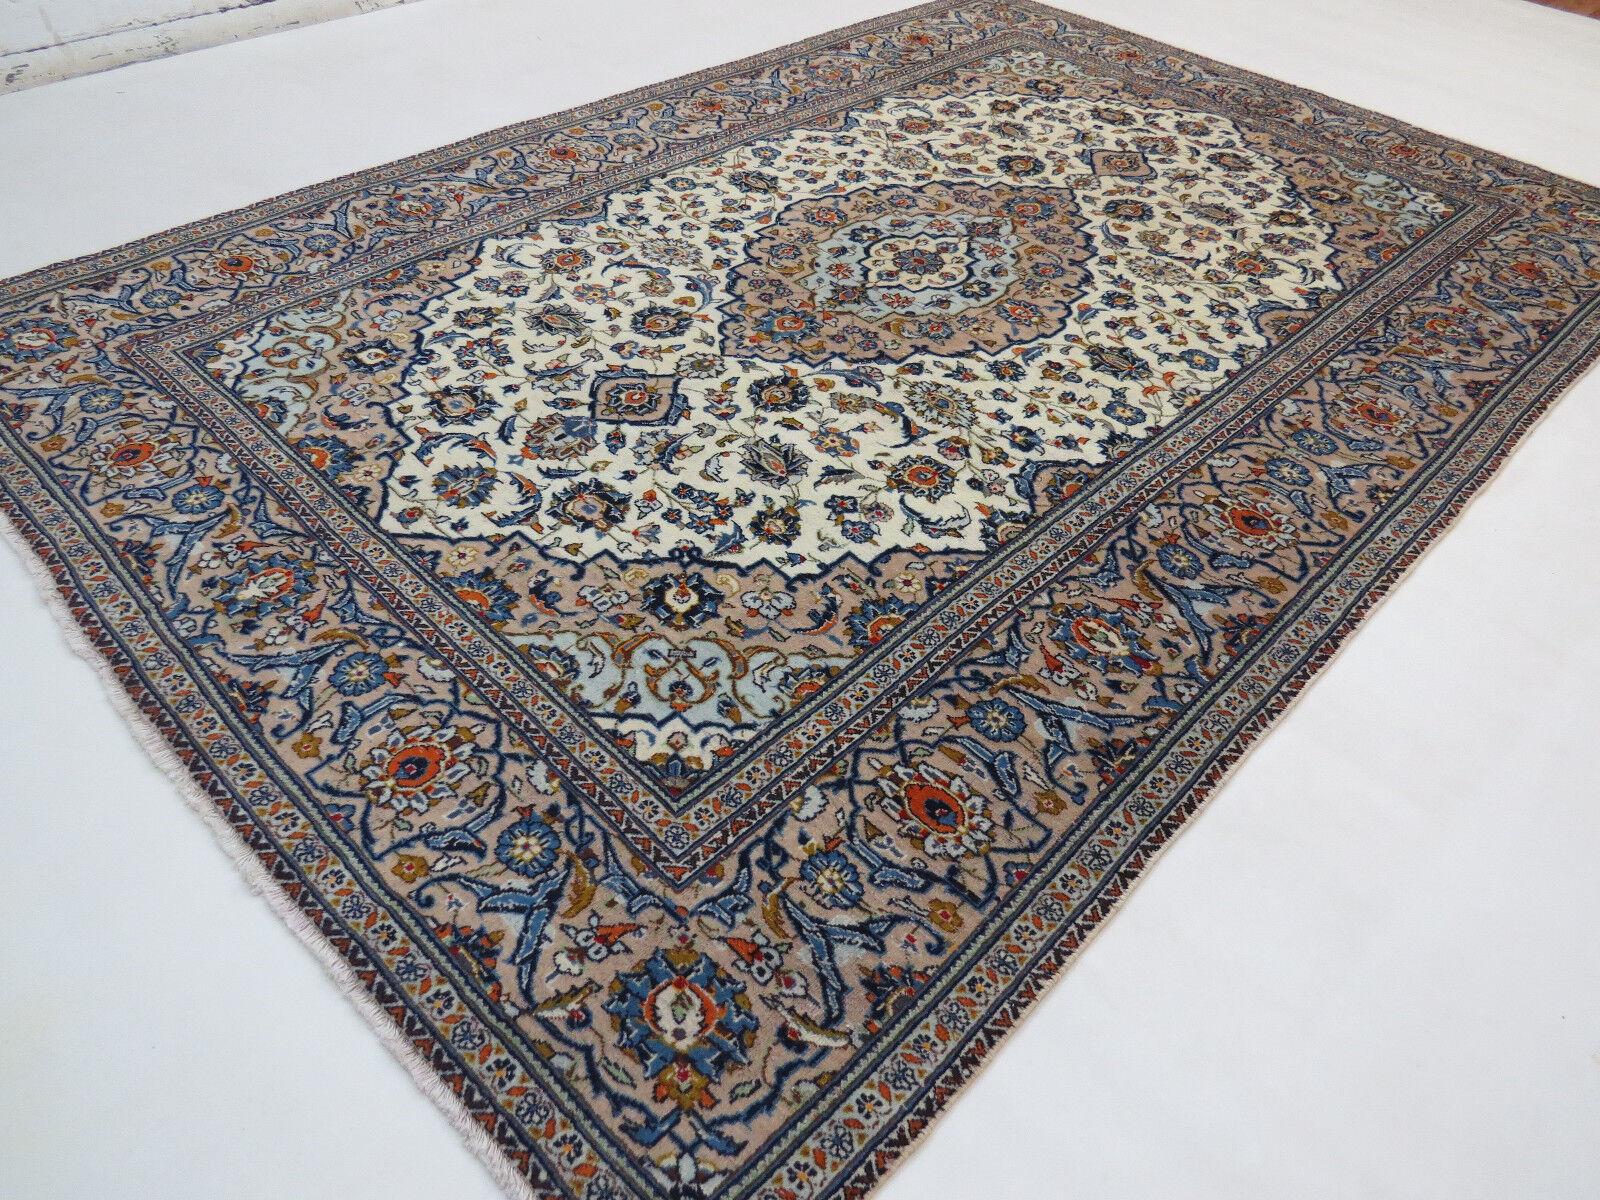 Originale Tappeto Persiano Annodato a Mano 295x200 Kashan Orientale Nr.6085